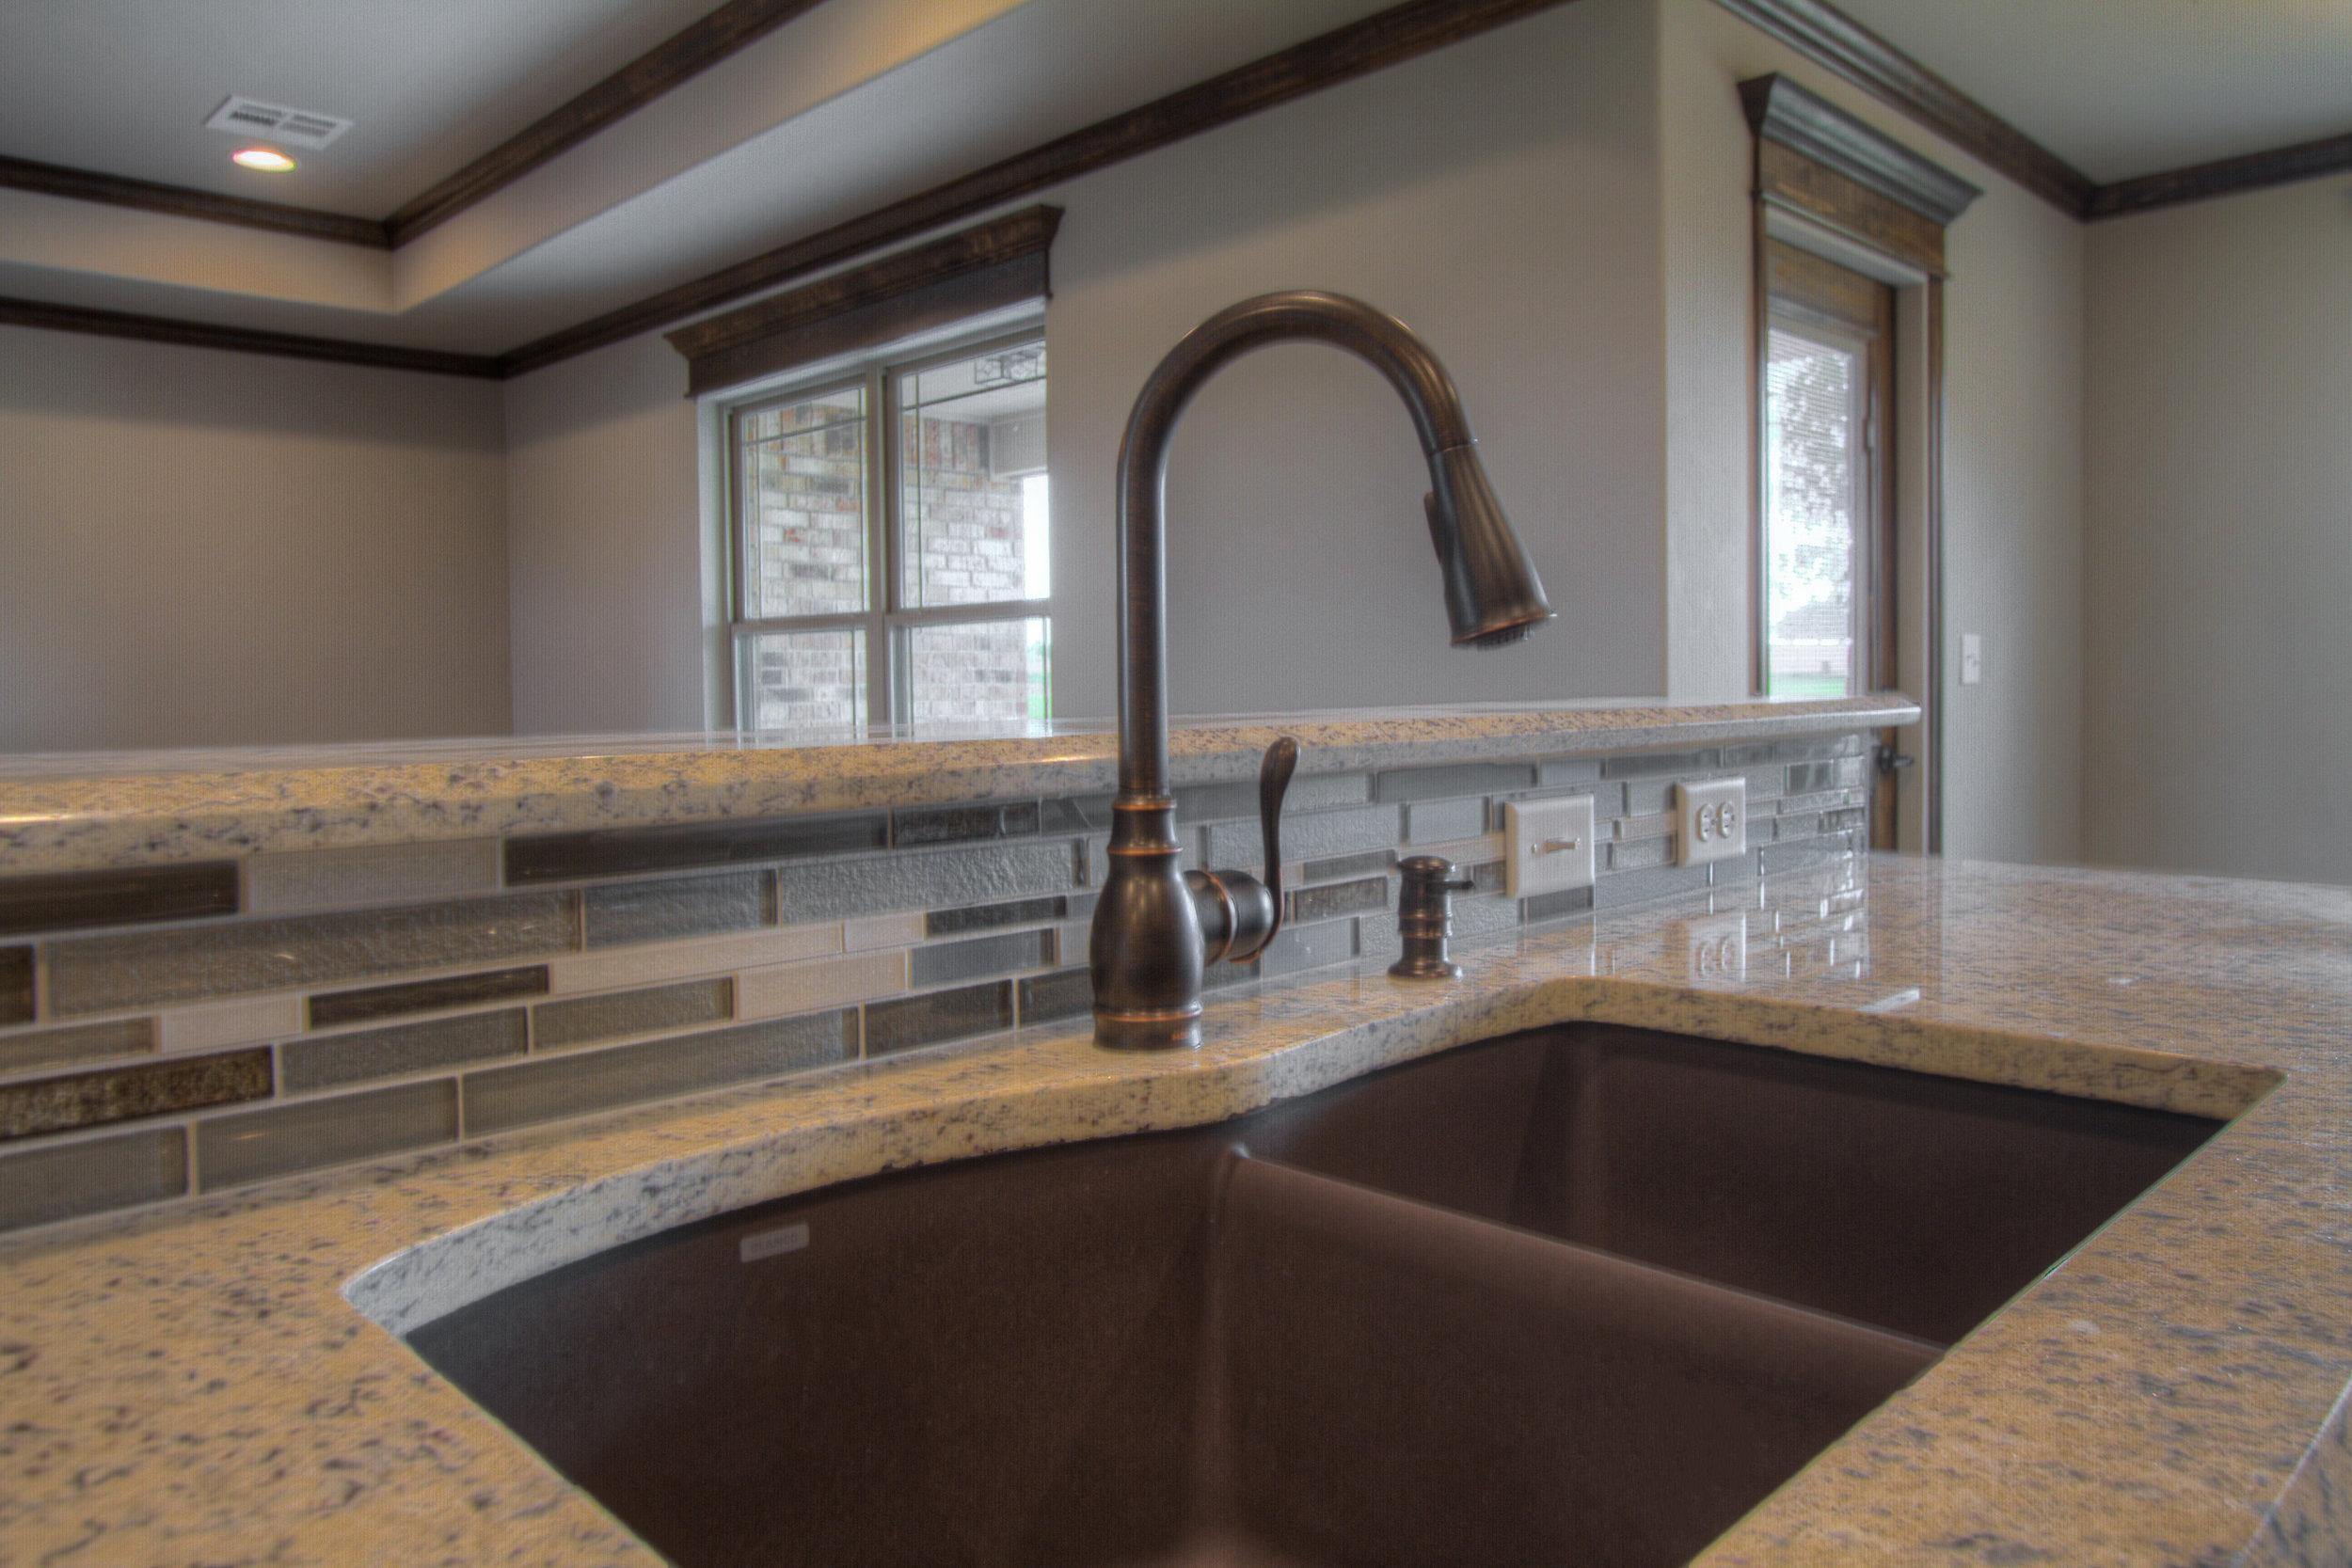 016_Kitchen Sink.jpg